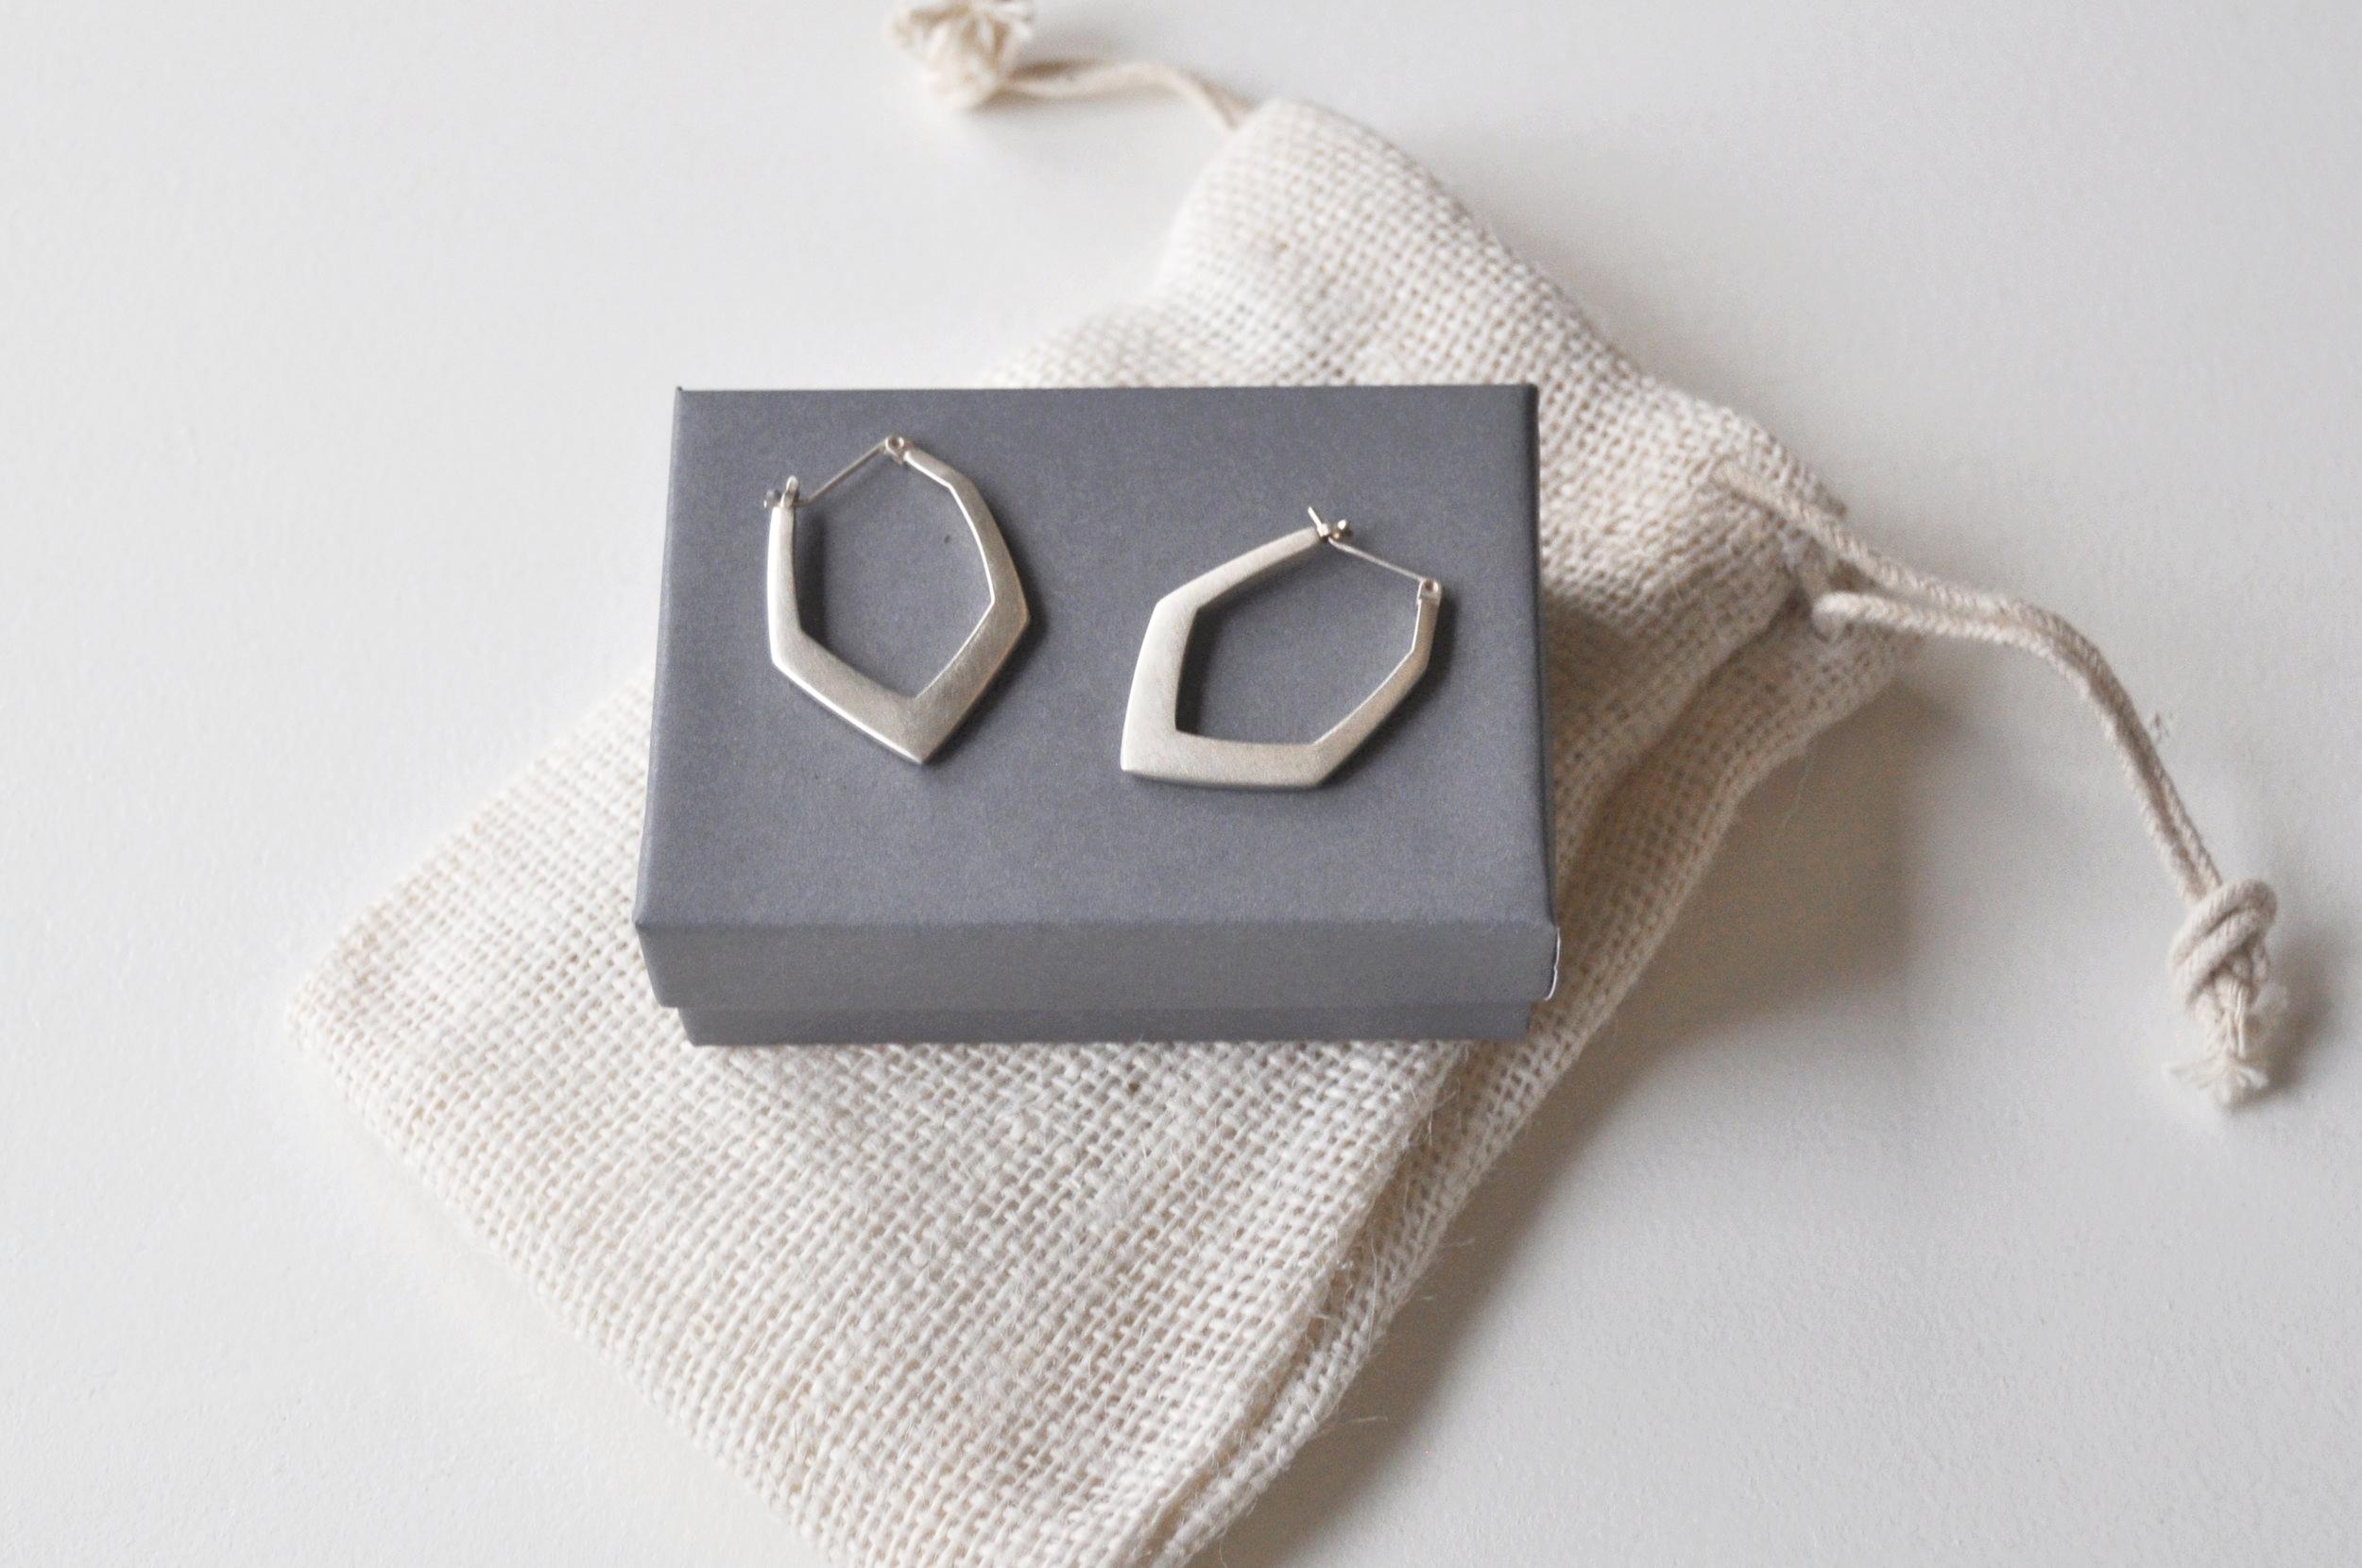 Marisa-Lomonaco-Jewelry-Beacon-NY-003-1.jpg